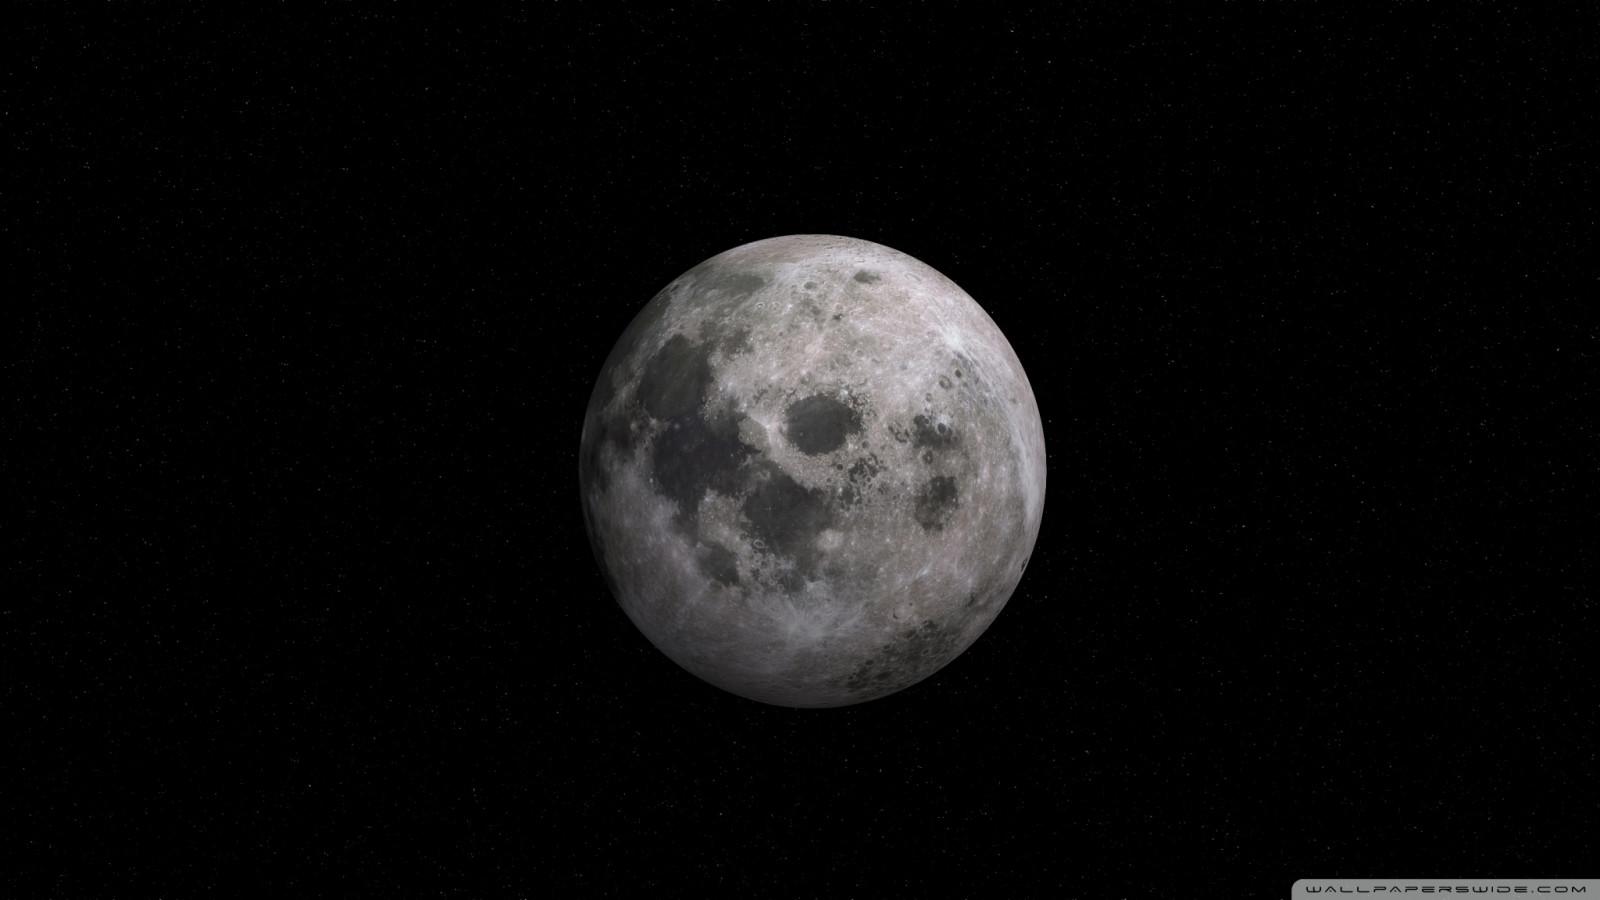 Fond Décran 2048x1152 Px Astronomie Fond Noir Lune